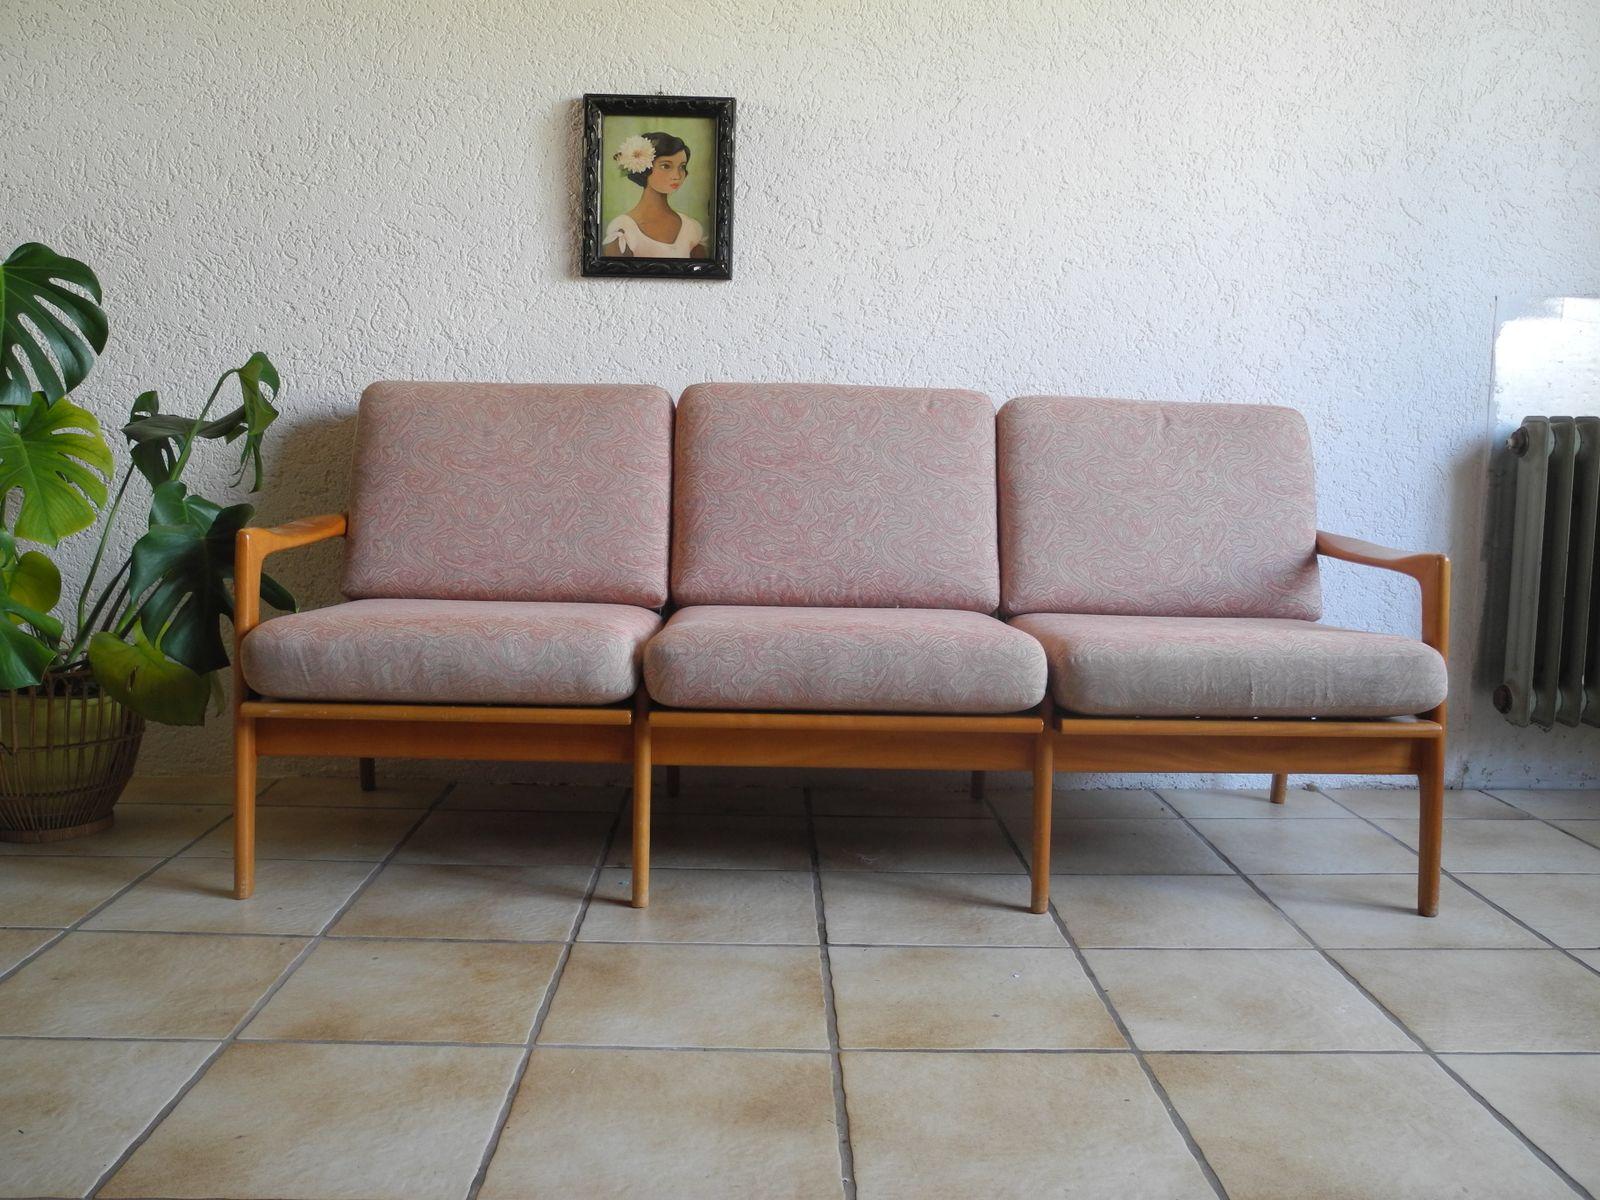 Divano Rosa Cipria : Divano letto posti rosa divano rosa divano rosa nella parte